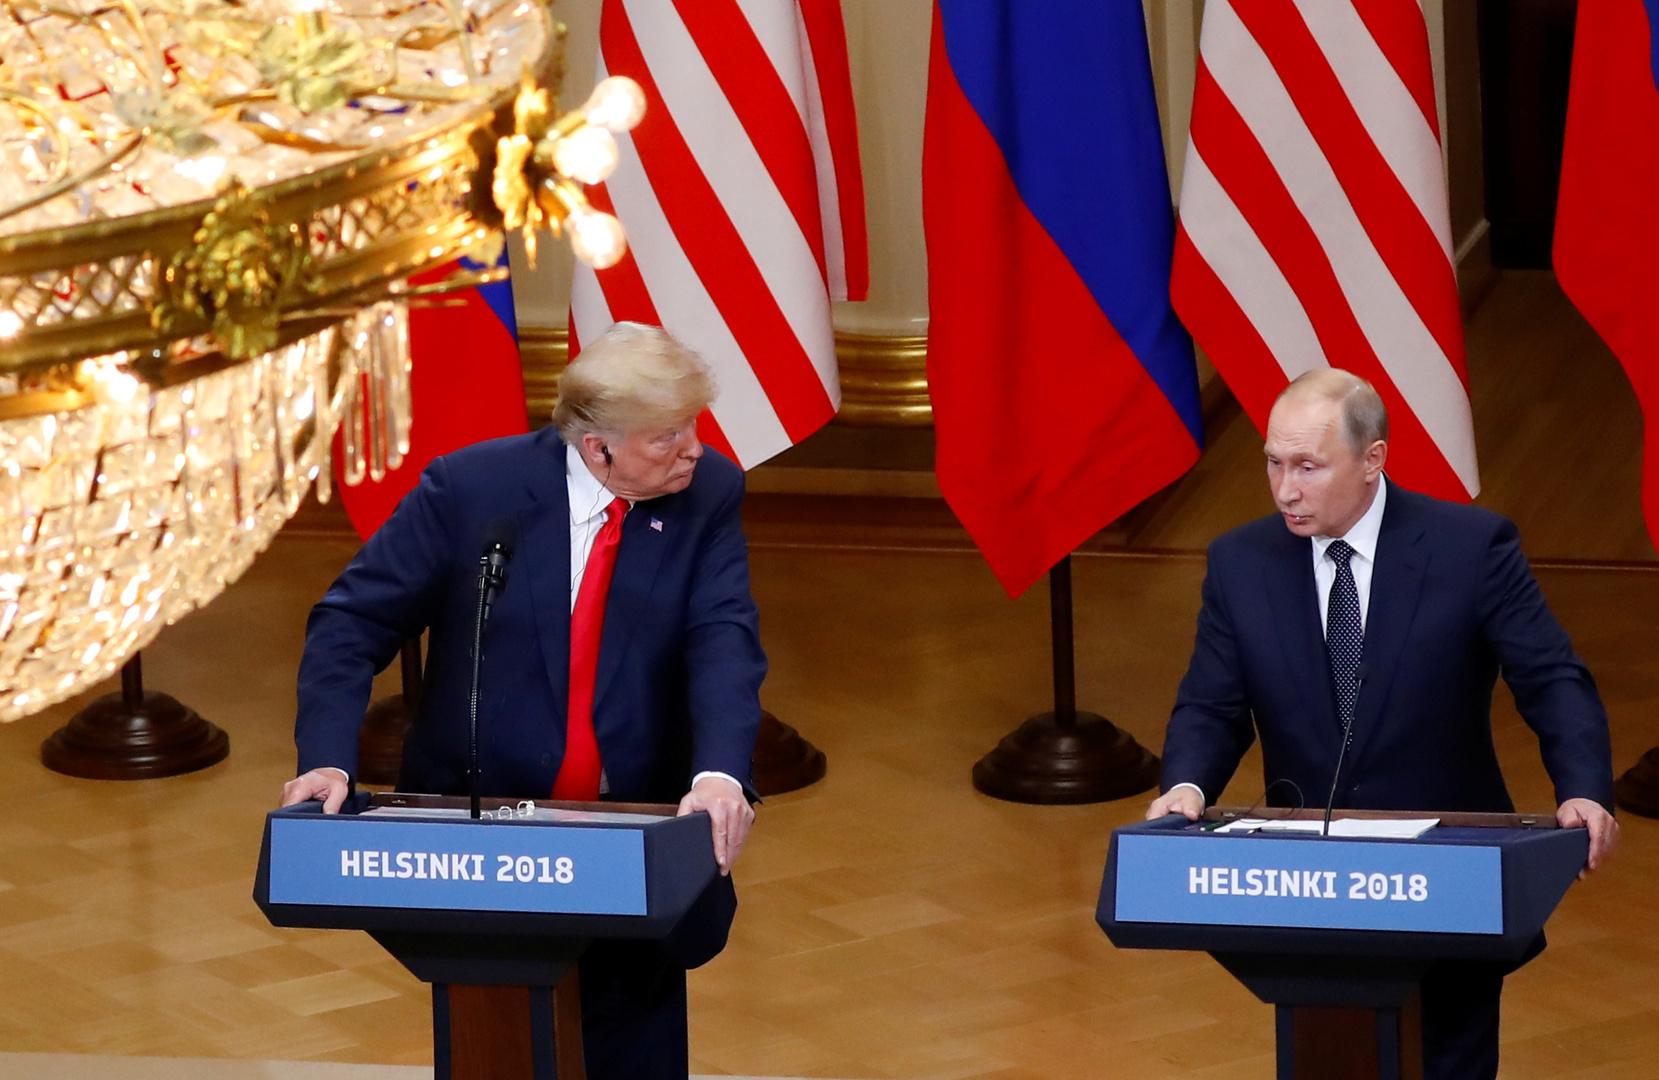 بوتين وترامب يتفقان على مشاورات روسية أمريكية حول أسواق النفط